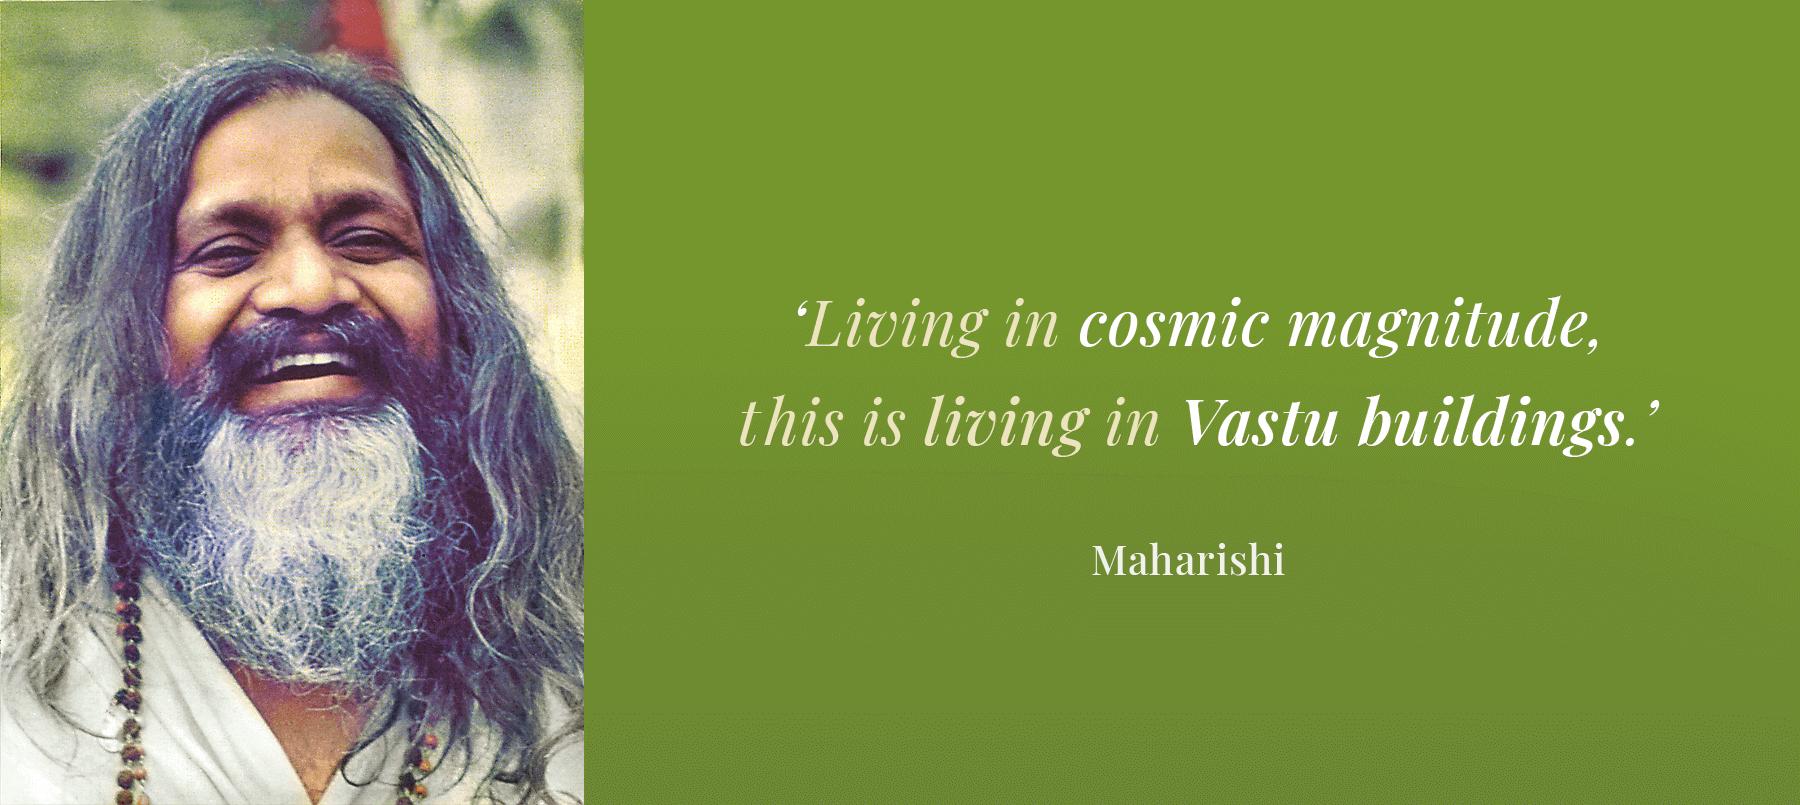 Maharishi's Total Knowledge